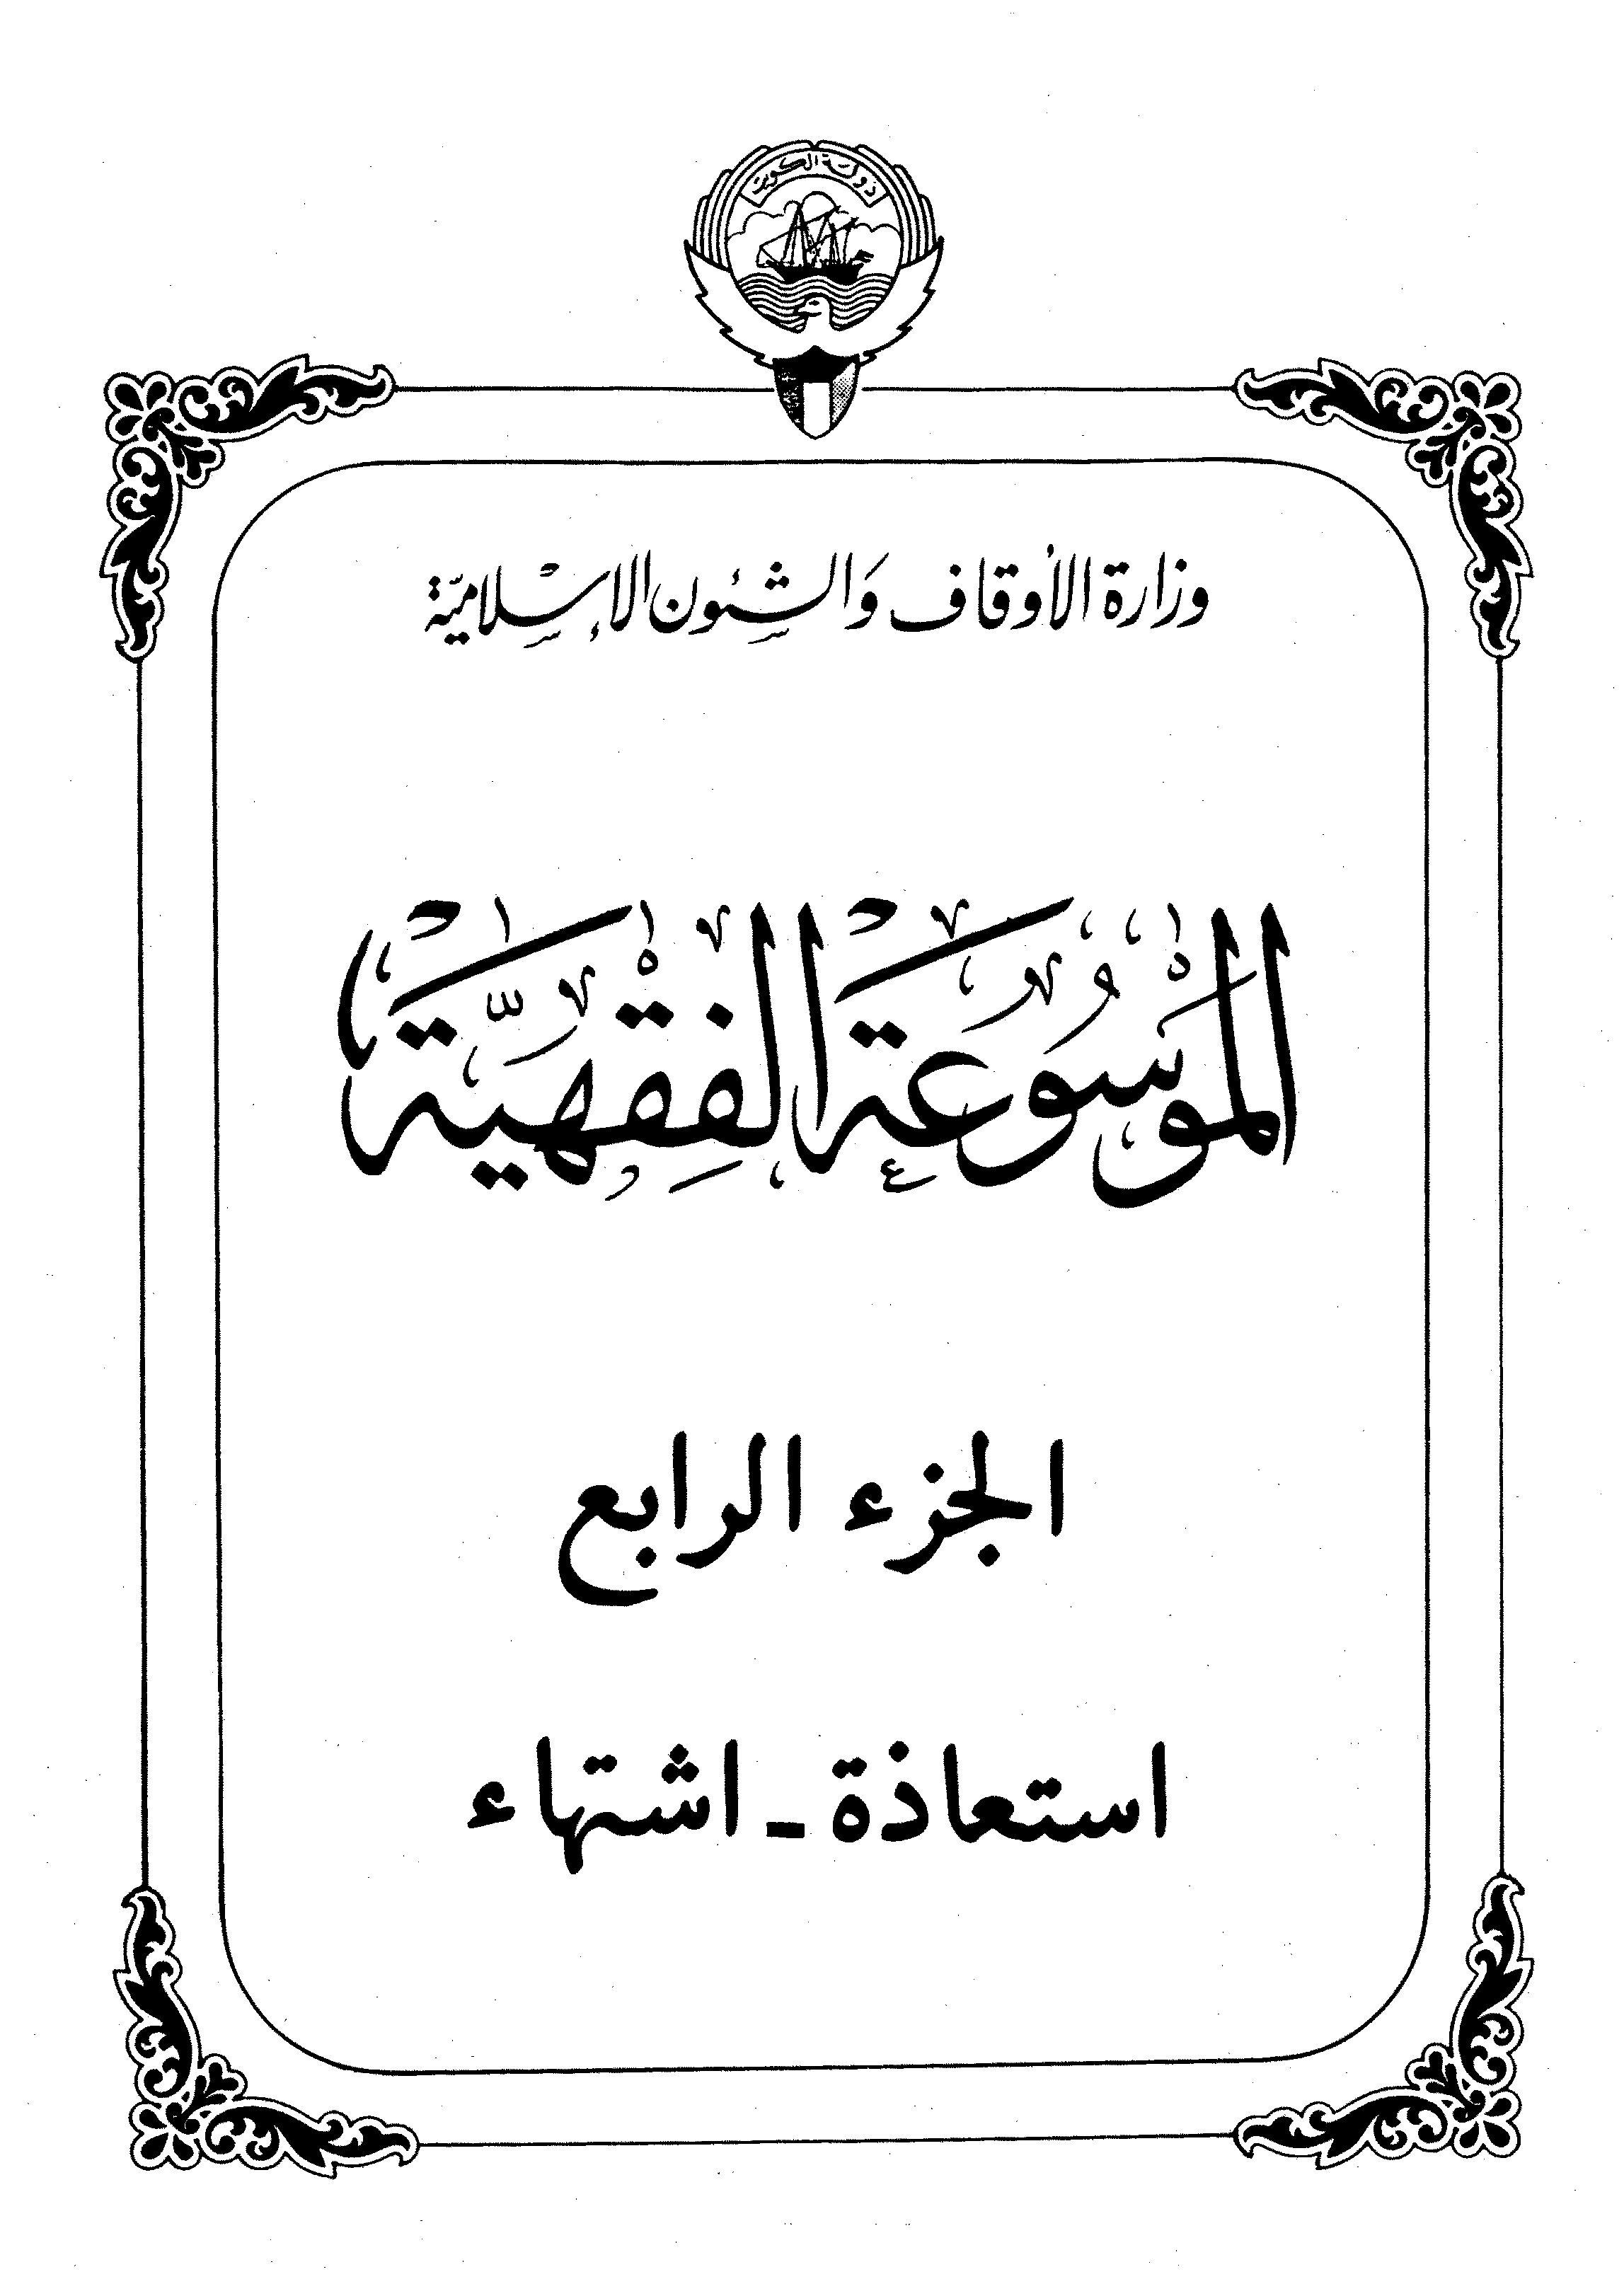 الموسوعة الفقهية الكويتية الجزء الرابع (استعاذة - اشتهاء)